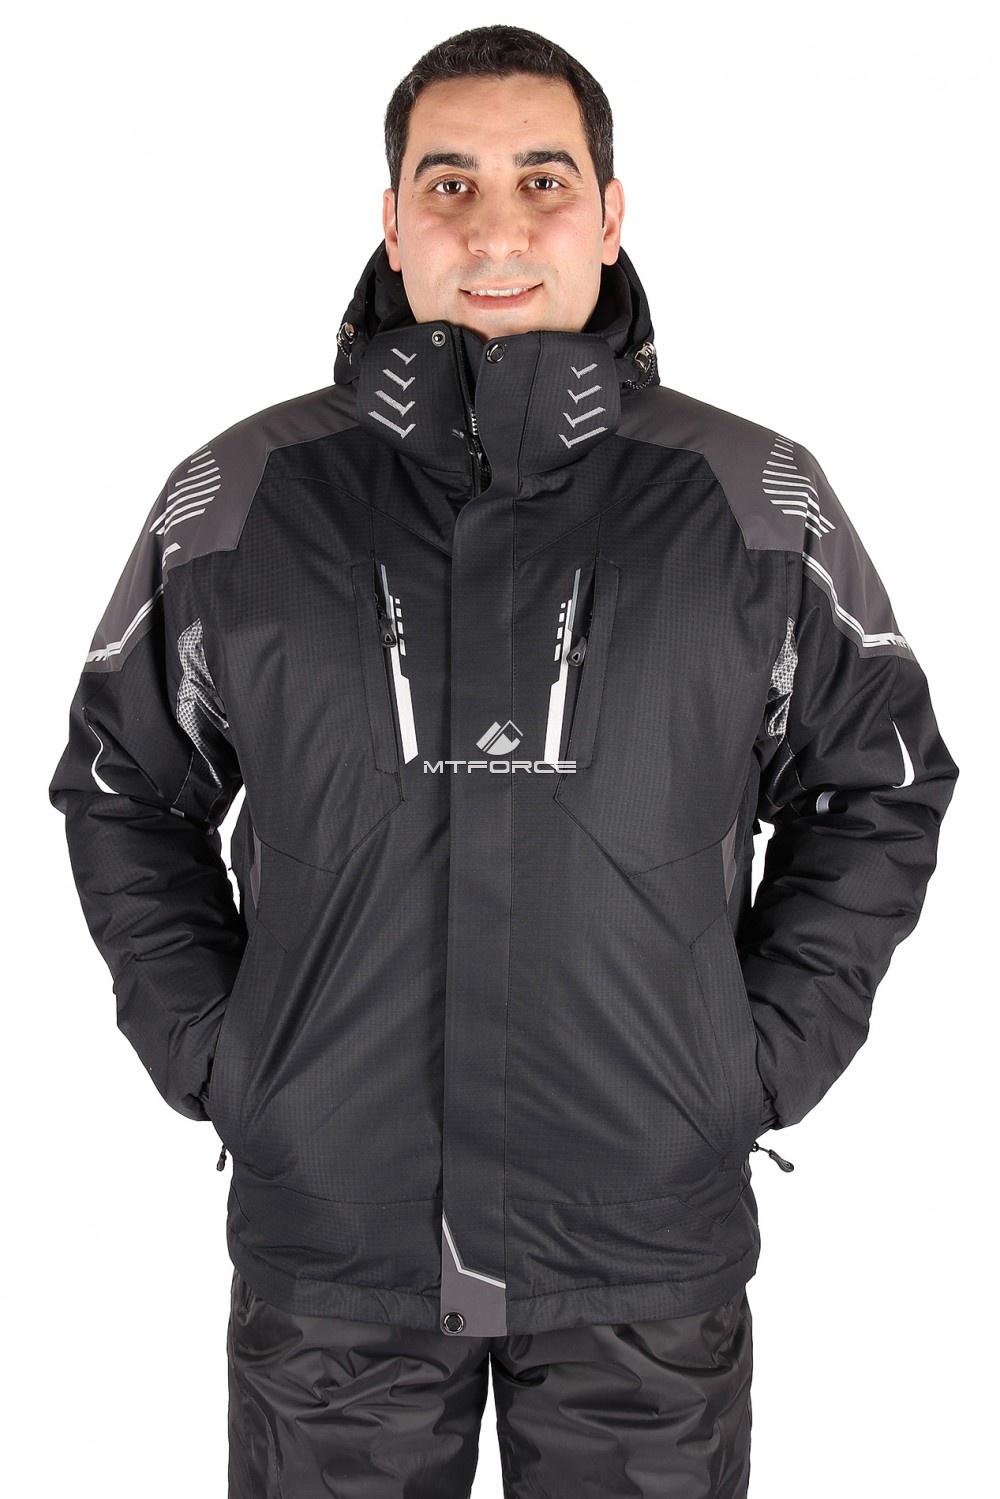 Купить                                  оптом Куртка горнолыжная мужская черного цвета 1558Ch в Санкт-Петербурге